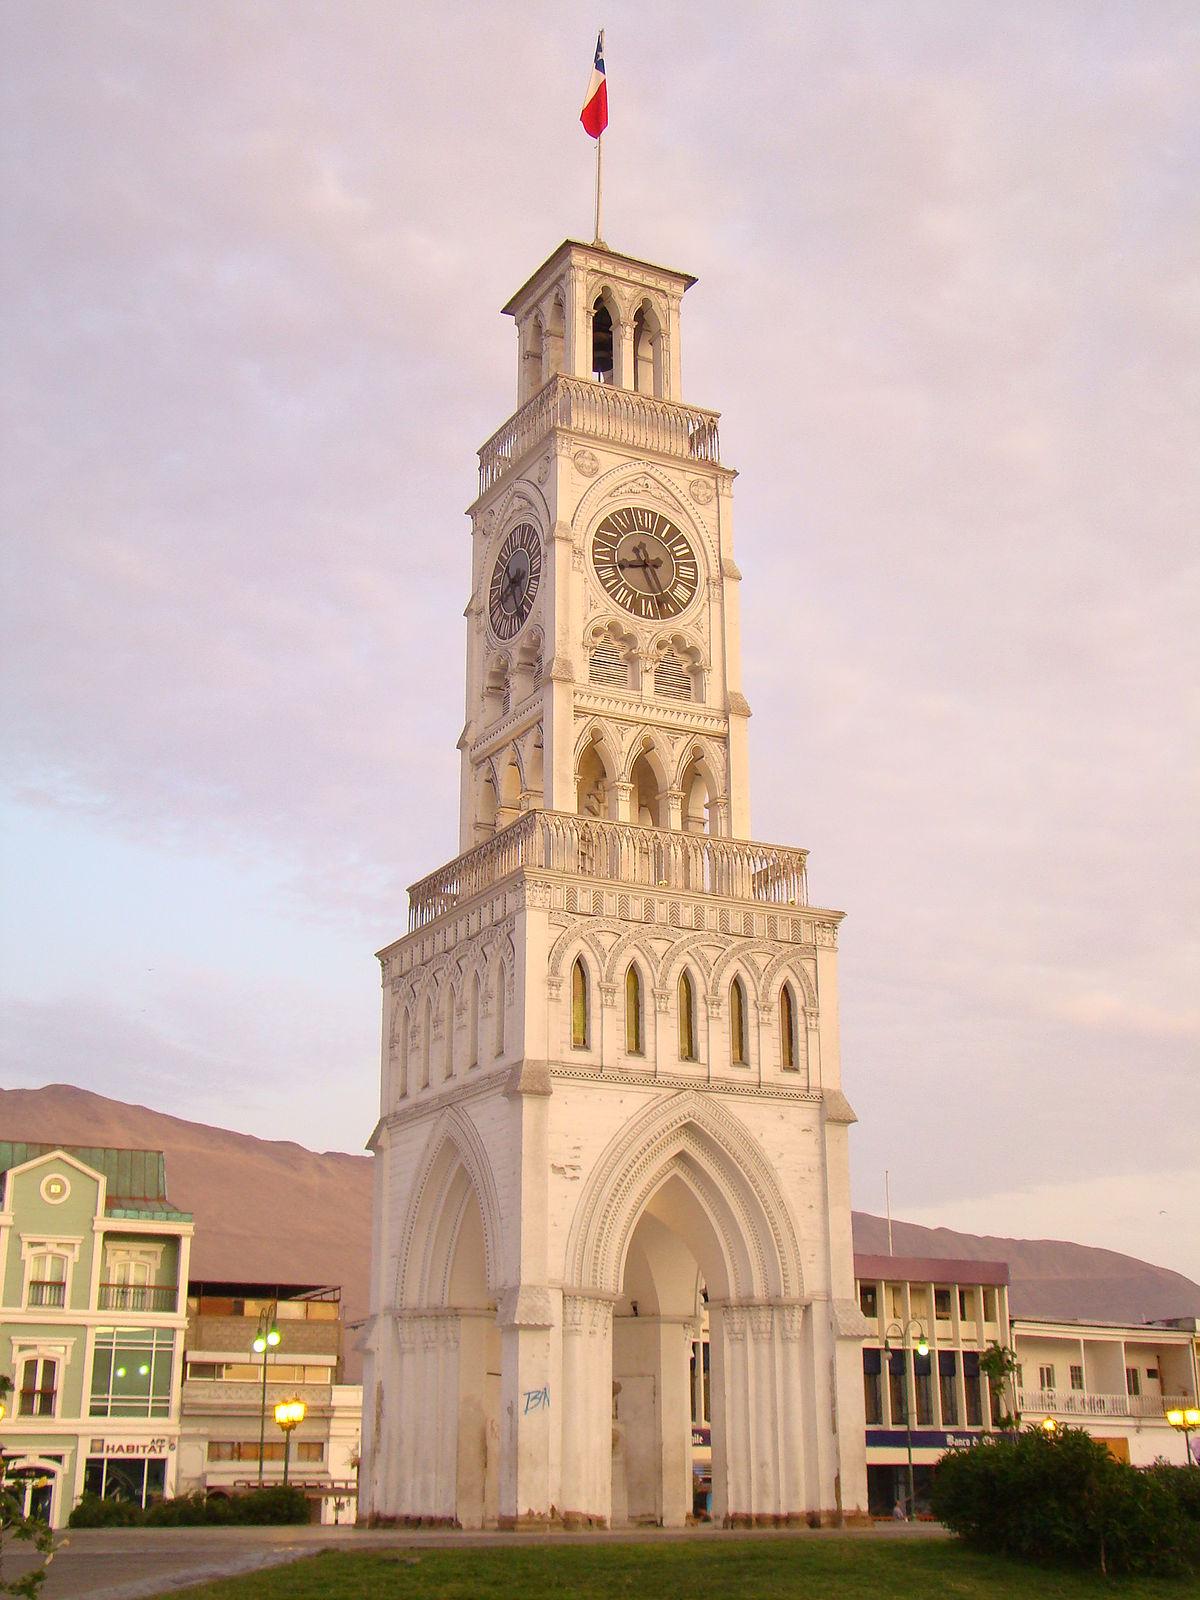 Torre Del Reloj Iquique Wikipedia La Enciclopedia Libre